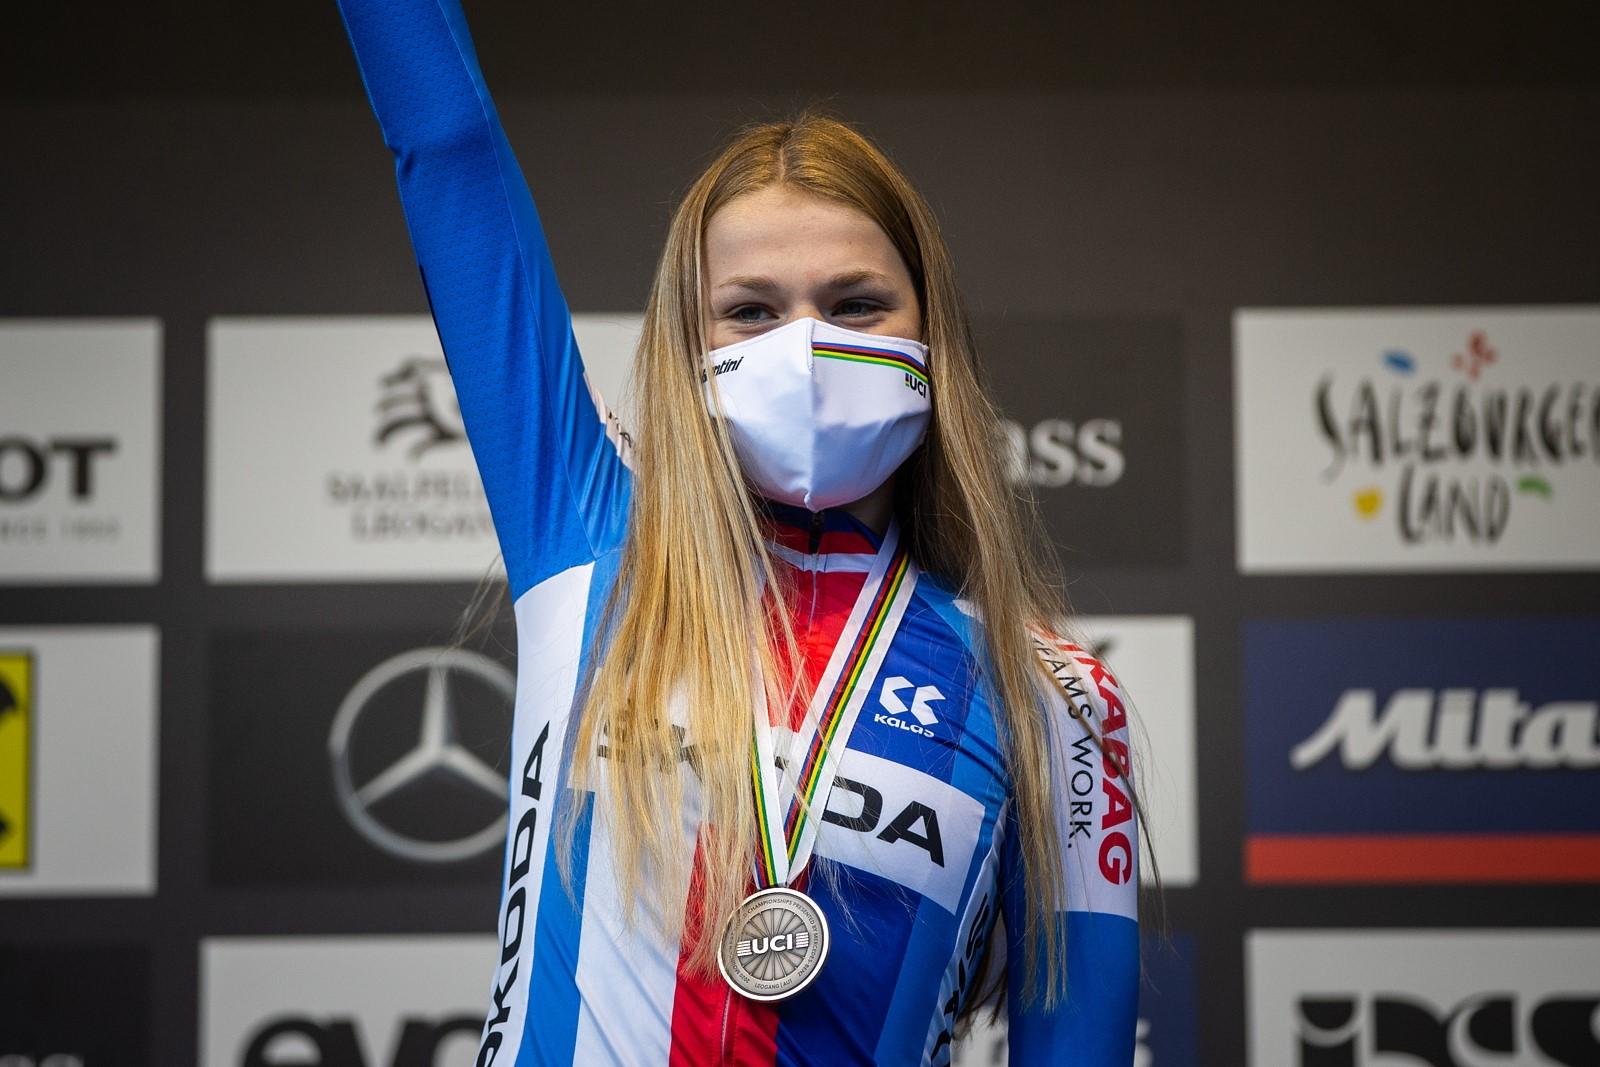 Aneta Novotná s bronzovou medailí z mistrovství světa horských kol 2020 v rakouském Leogangu. Foto: Michal Červený